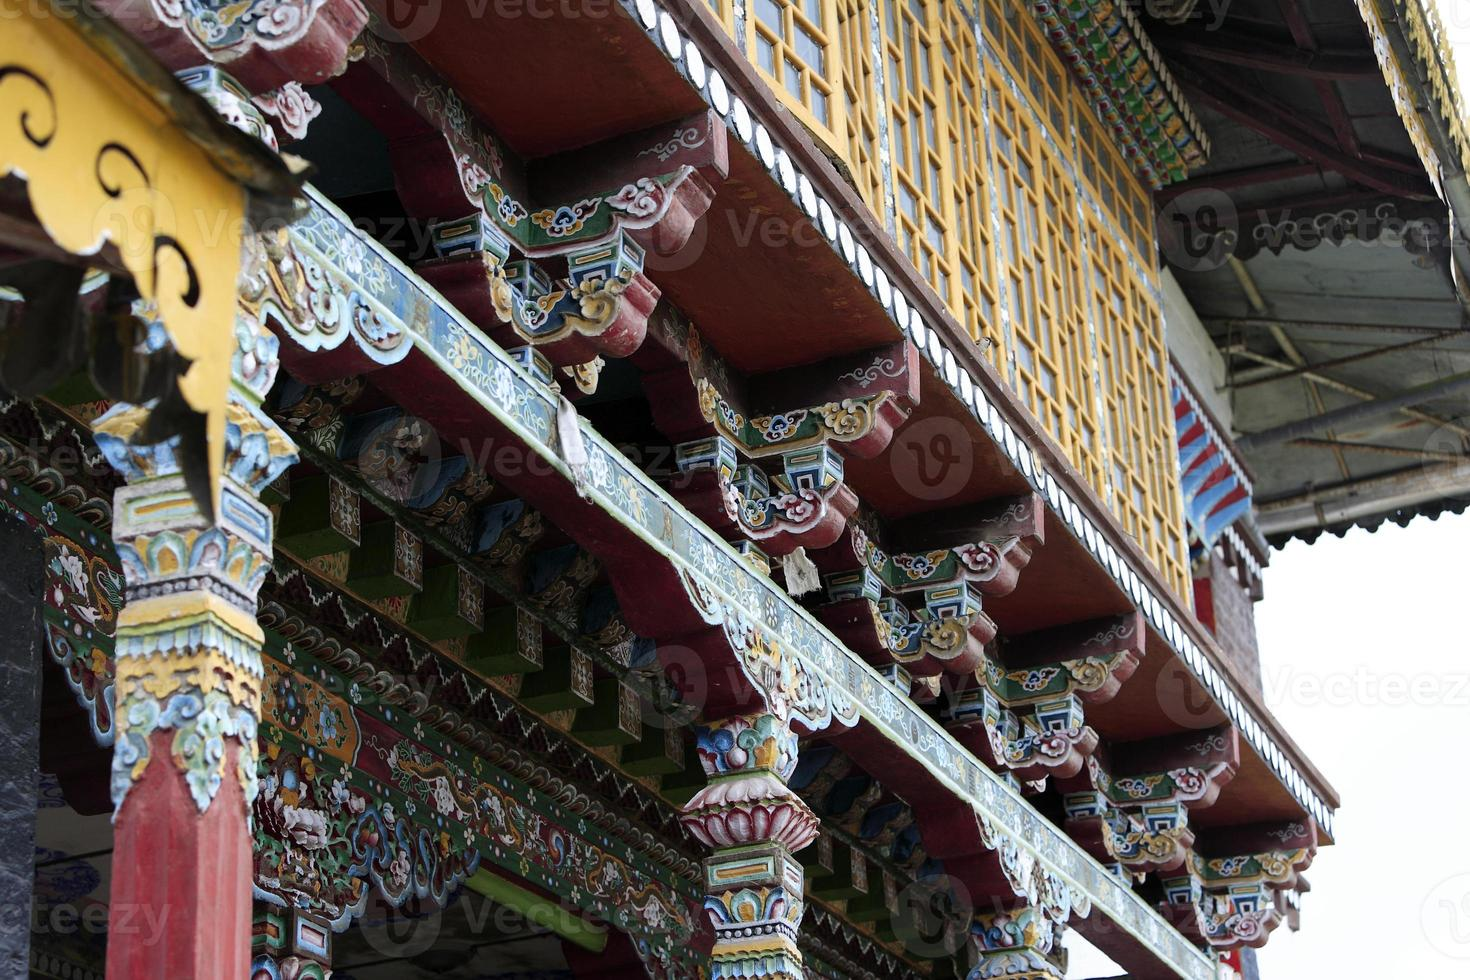 pinturas no mosteiro budista em sikkim, maio de 2009, Índia foto